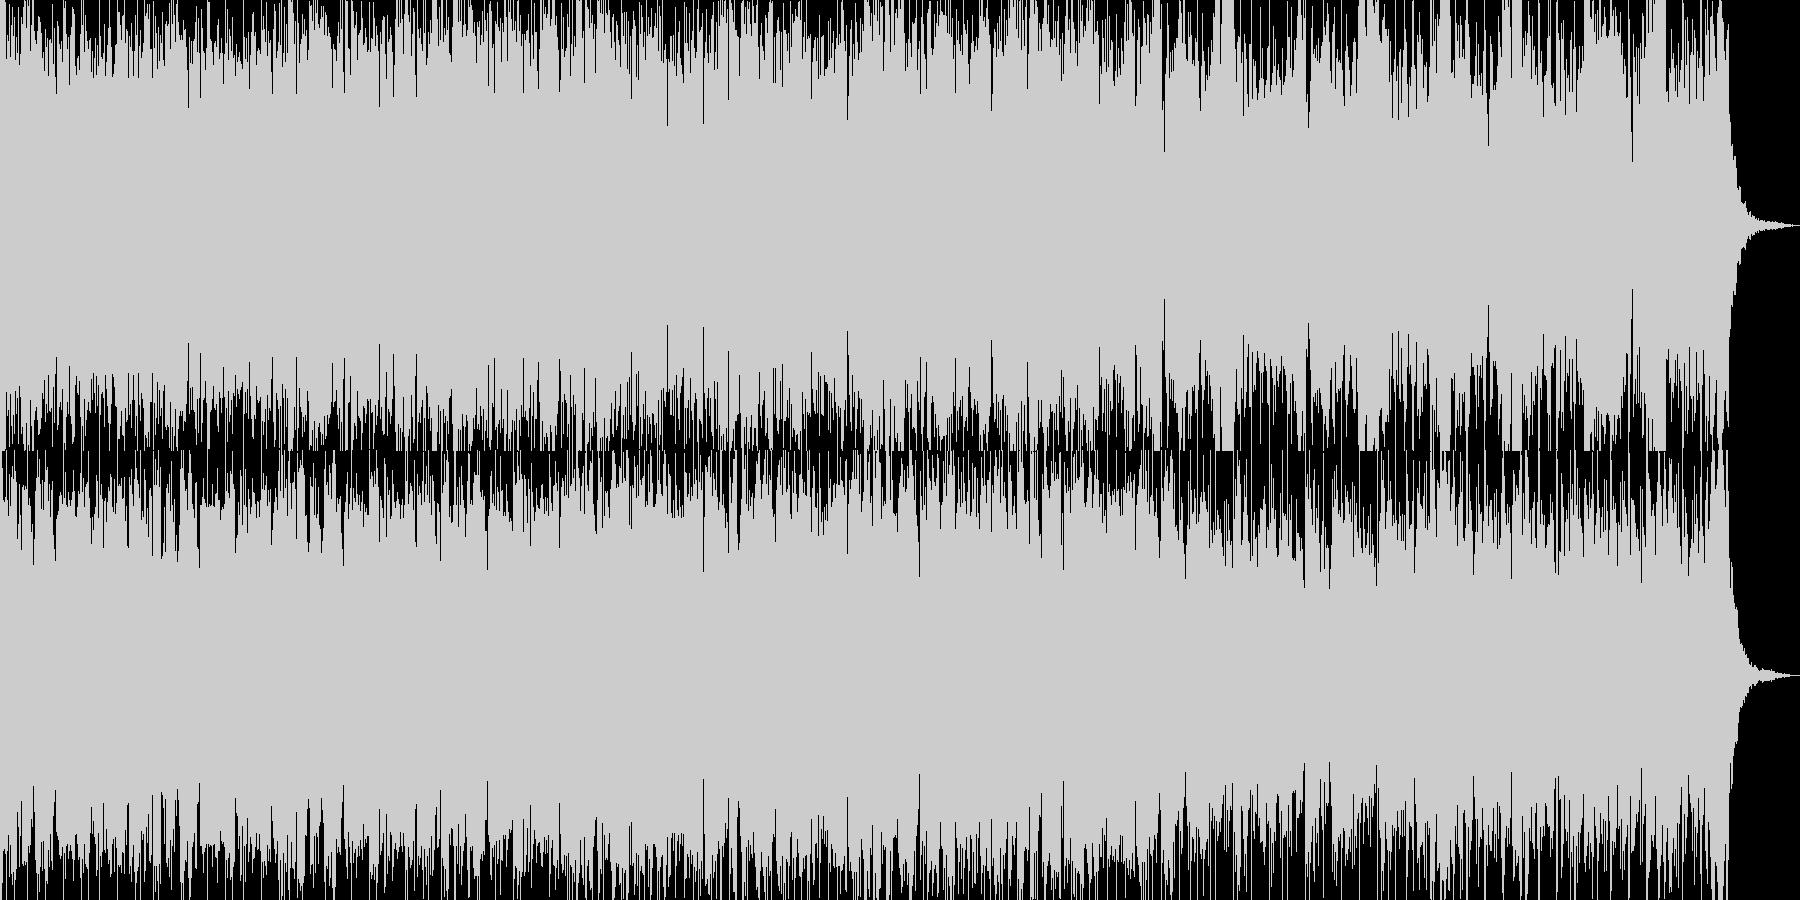 シリアスなシーンにの未再生の波形